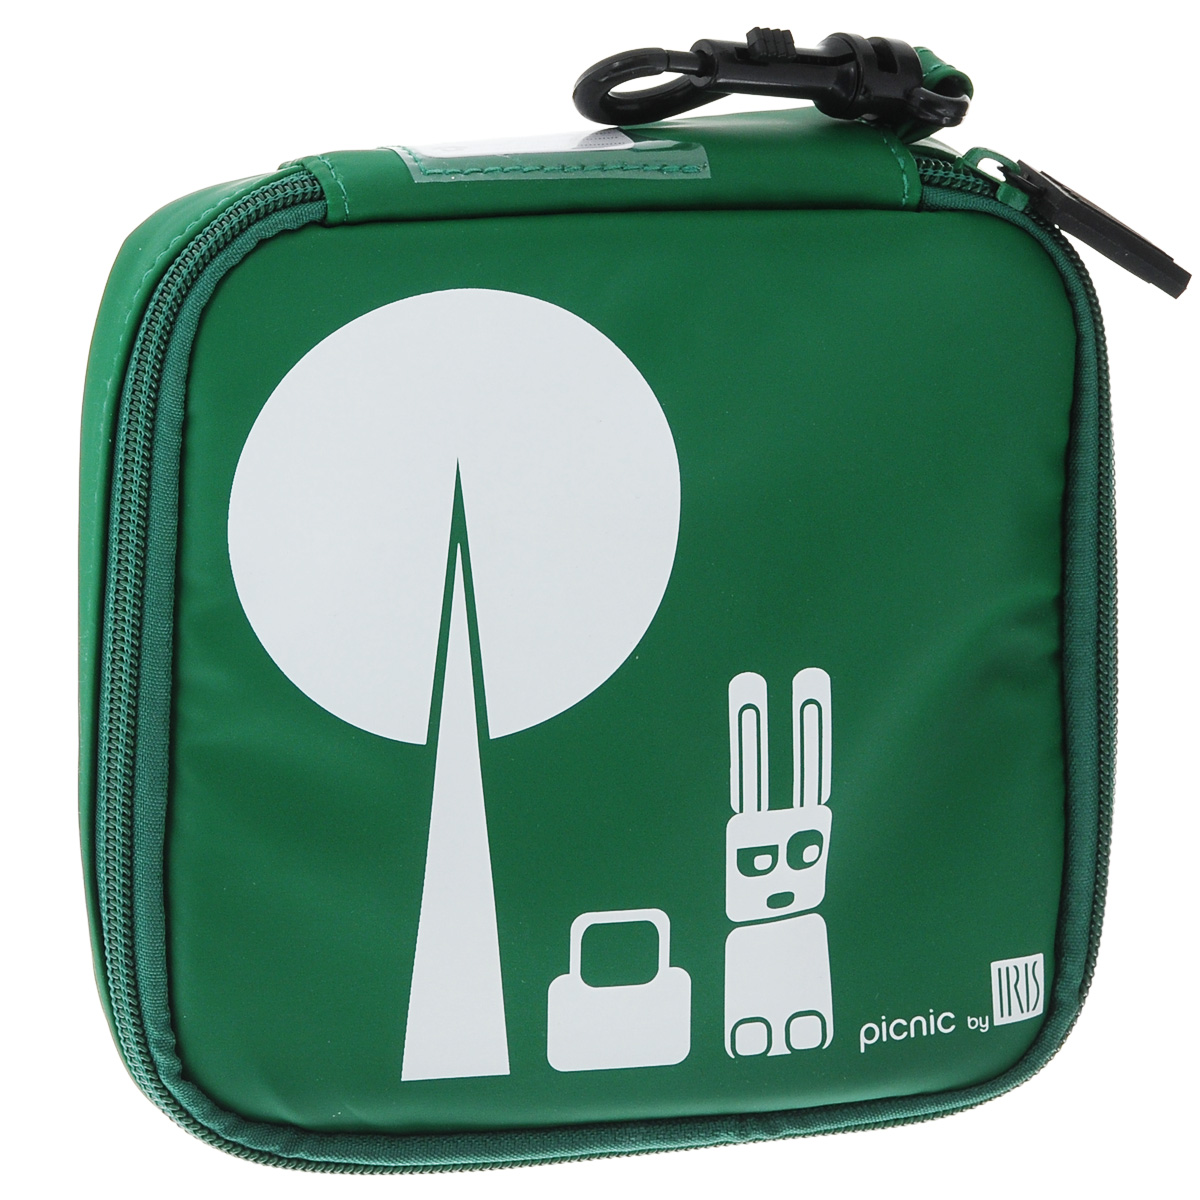 Термобутербродница мягкая Iris Barcelona Kids, цвет: зеленый, 15 х 15 см9911-TVМягкая термобутербродница Iris Barcelona Kids идеально подходит, чтобы взять в школу, на прогулку или в поездку. В течение нескольких часов сохранит еду свежей и вкусной благодаря специальному внутреннему покрытию из теплоизолирующего материала. Специальный фиксирующий поясок не позволит бутерброду распасться. Имеется внутренний сетчатый карман для салфеток. Плотный материал стенок сохранит бутерброд от любых внешних воздействий.Безопасный пластмассовый карабин позволит легко пристегнуть бутербродницу к ранцу или сумке.Заменяет все одноразовые упаковки. При бережном использовании прослужит не один год.